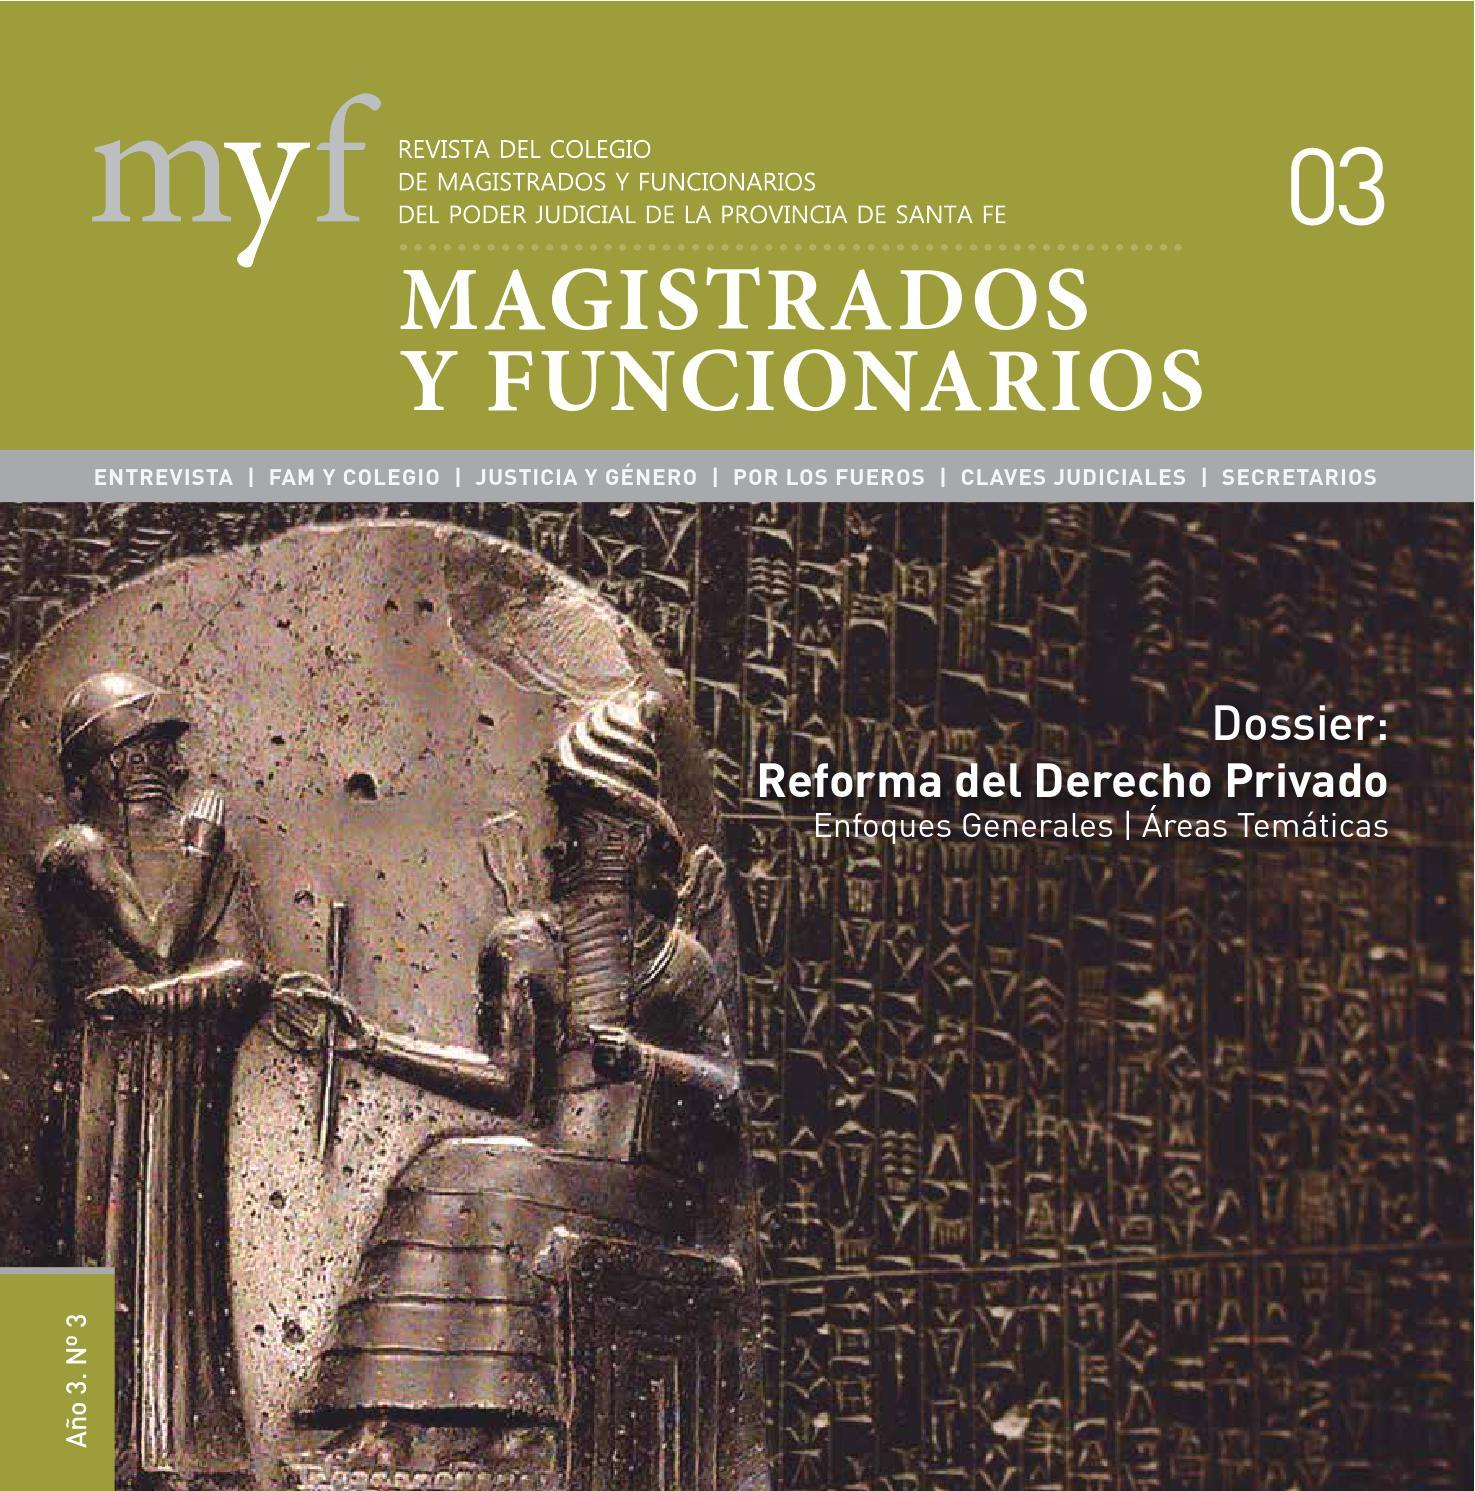 Revista MyF - 03 - Edición 2013 - Parte 1 de 2 by Colegio de ...